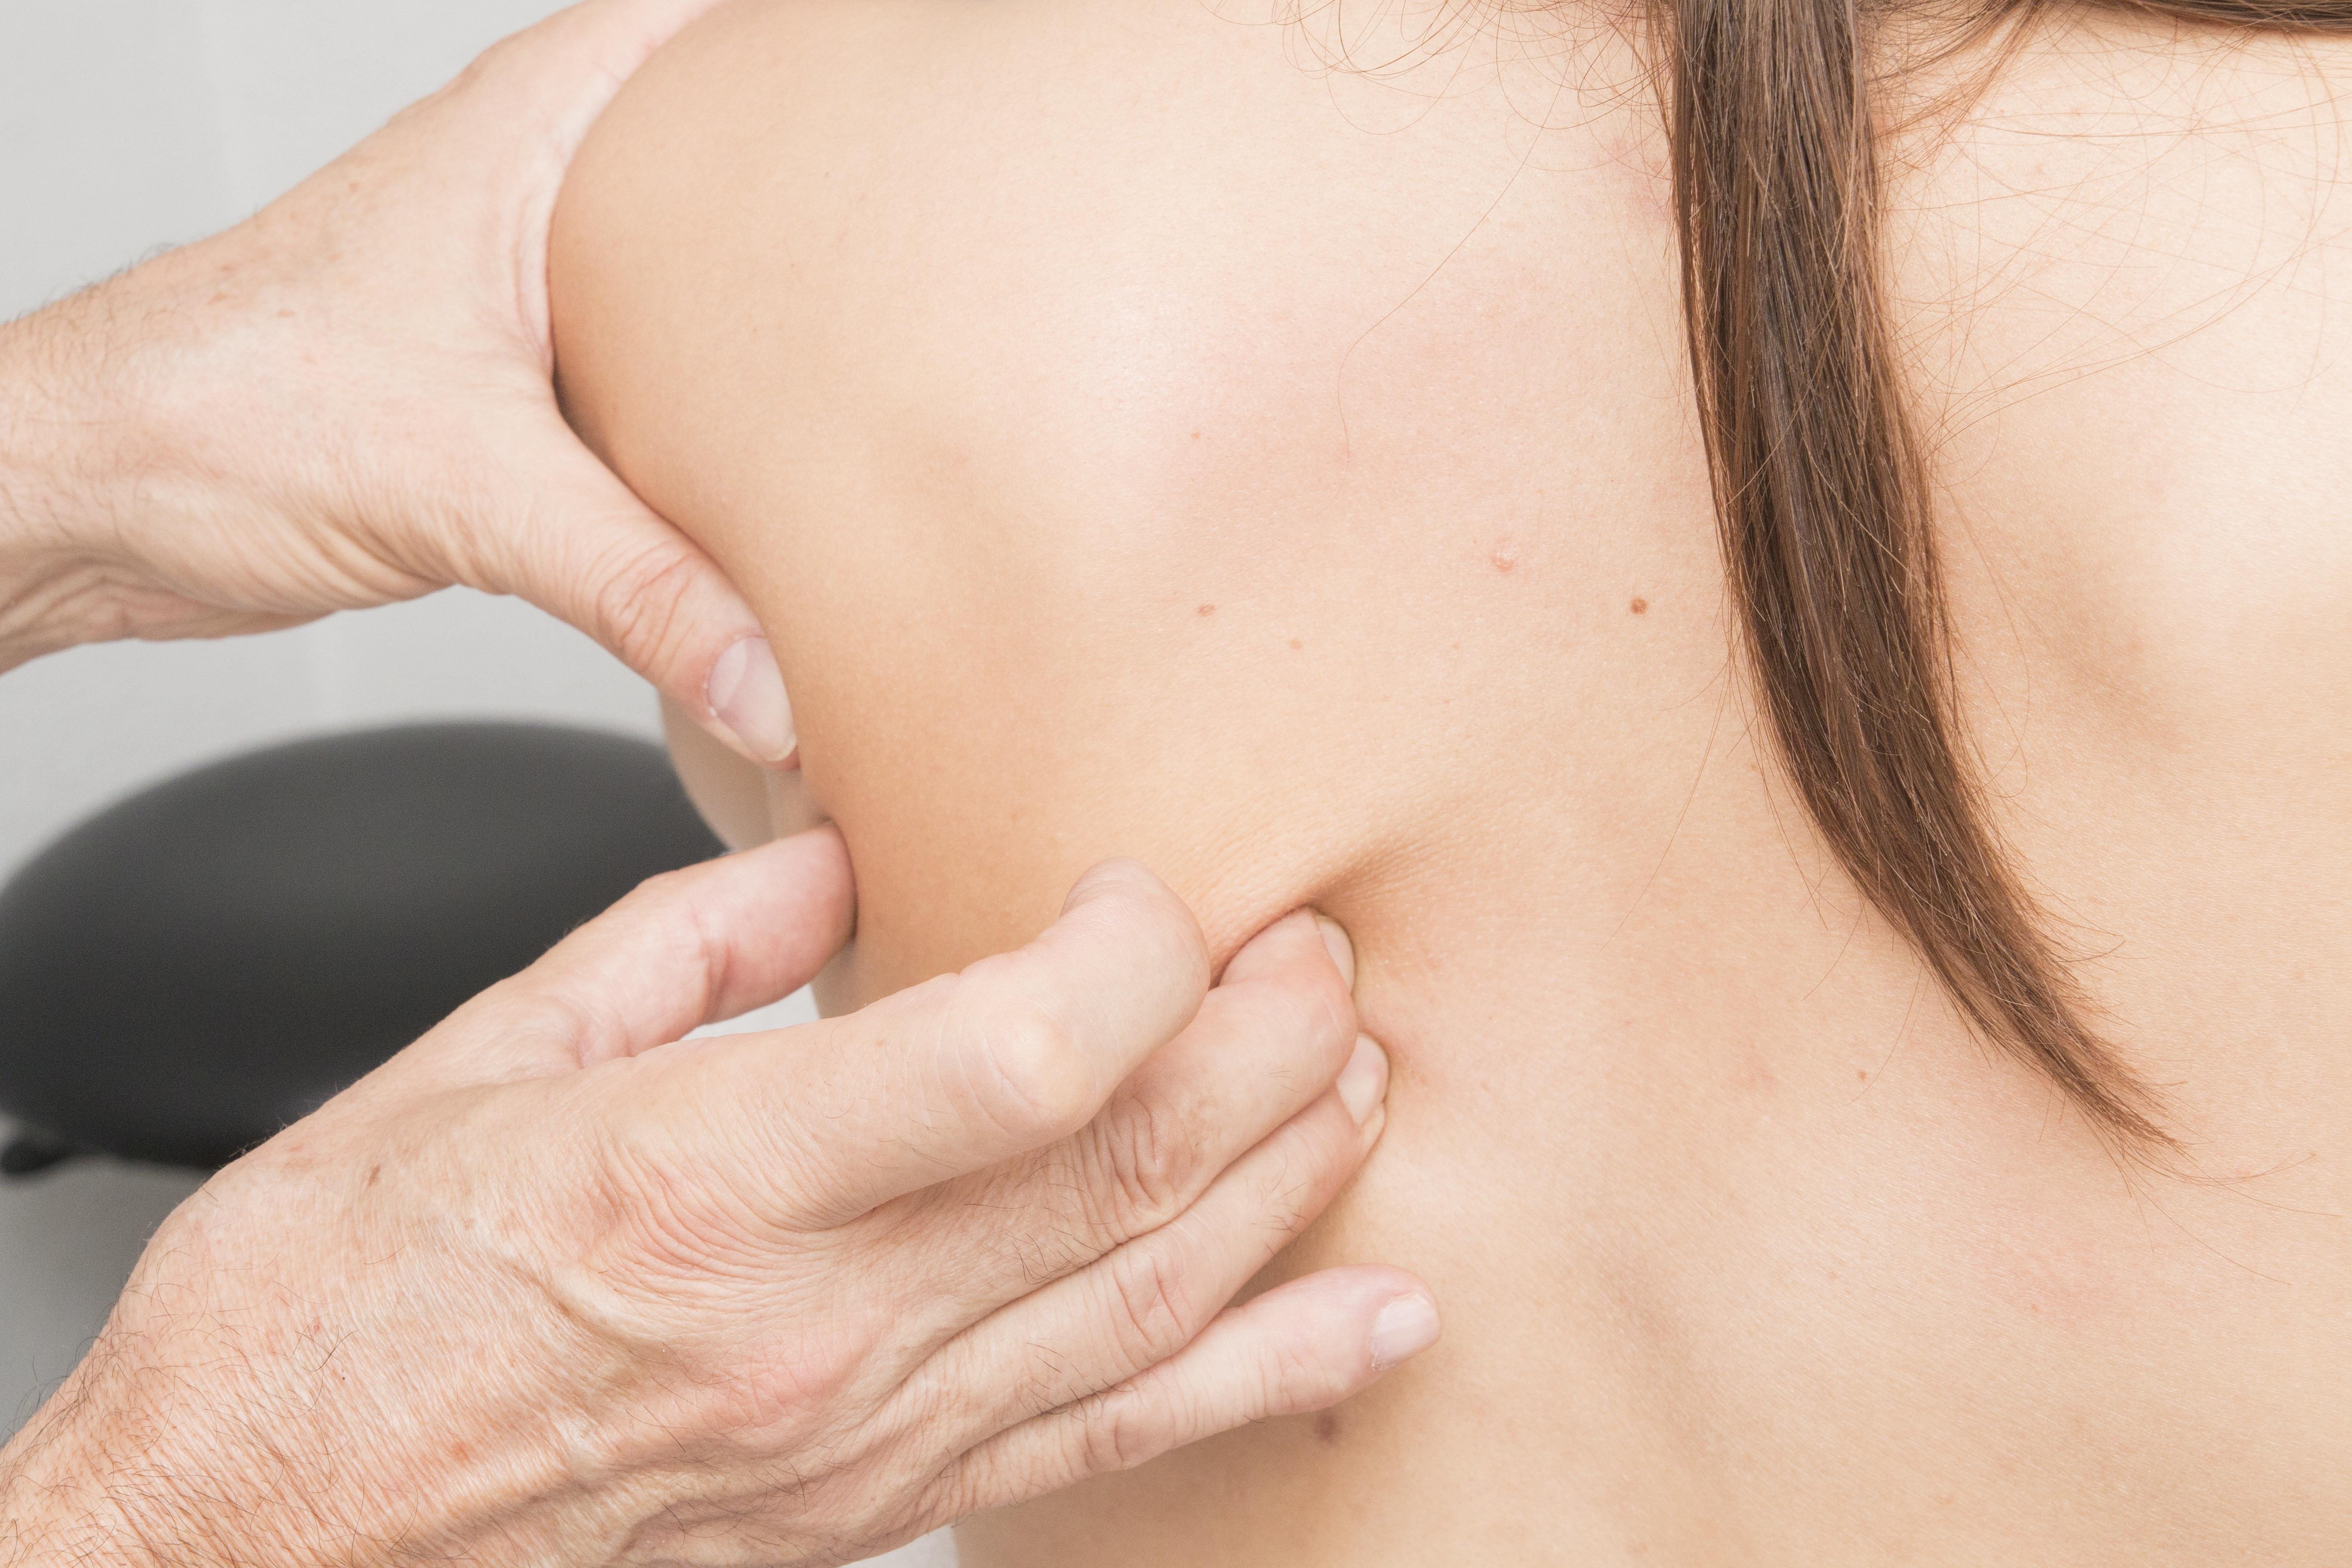 massage-2441746